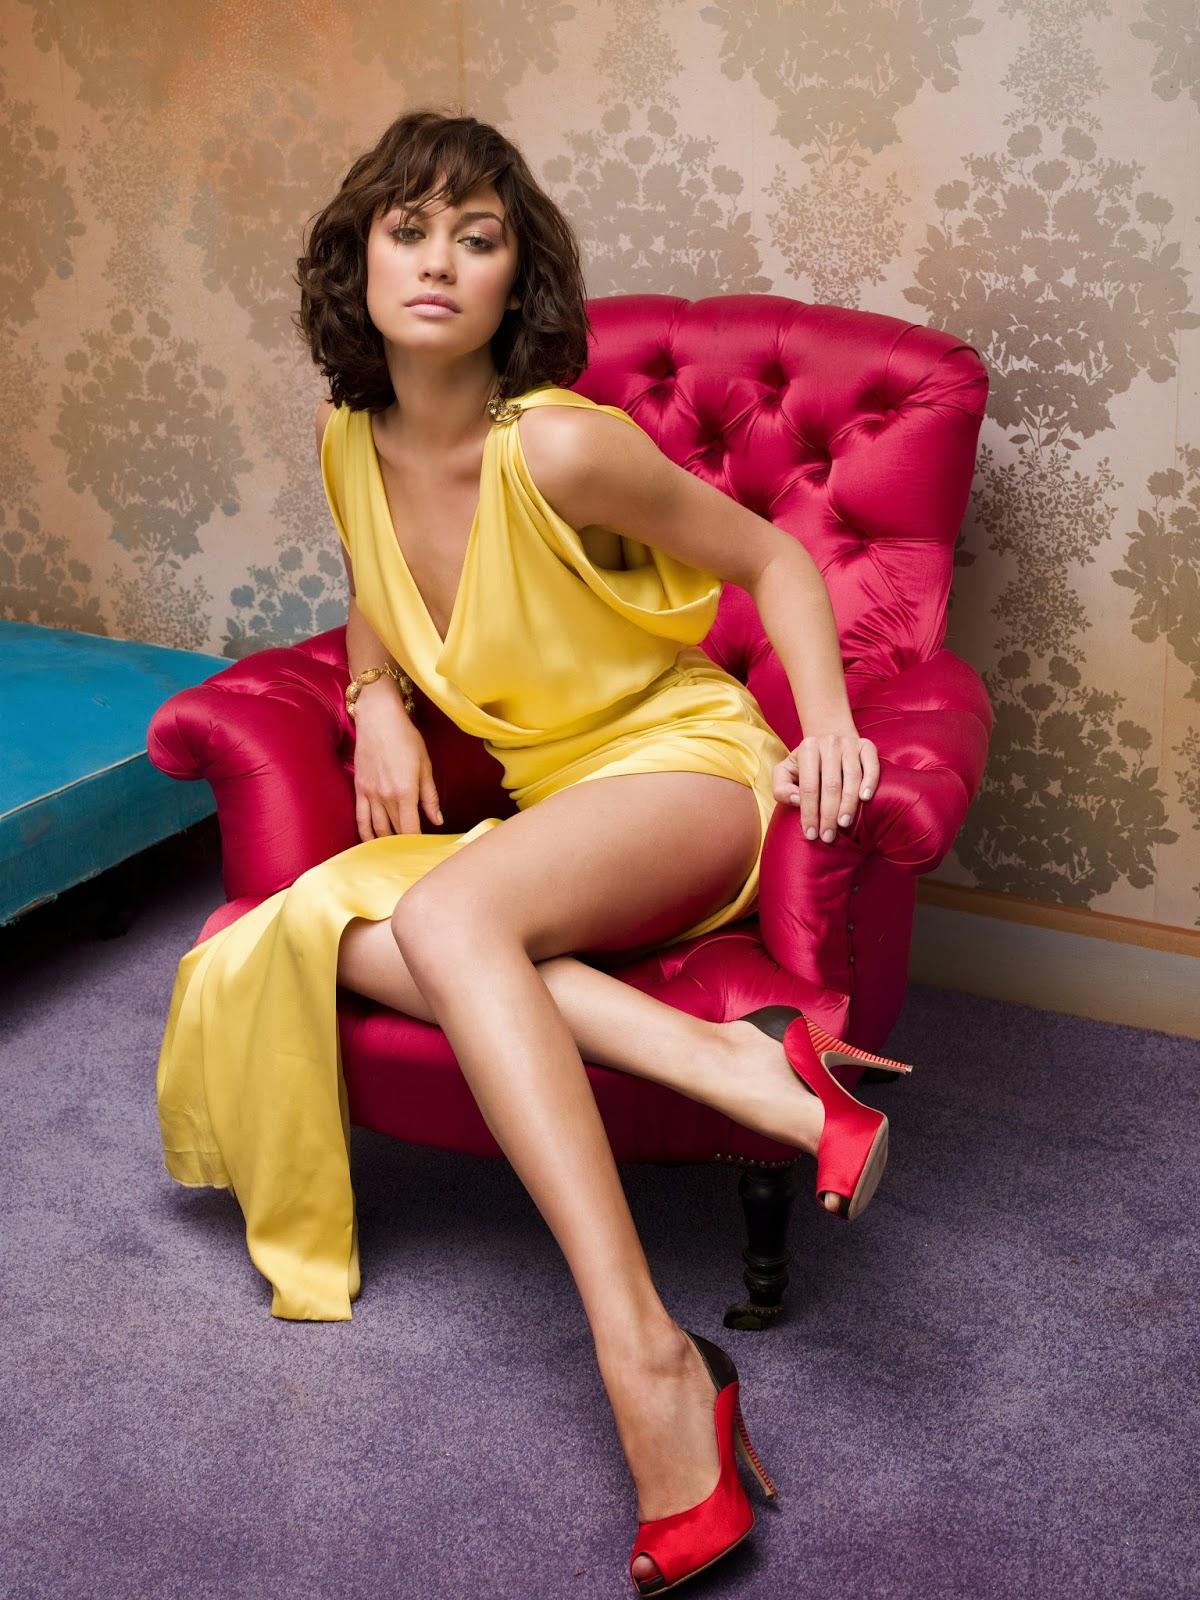 Olga kurylenko hot legs